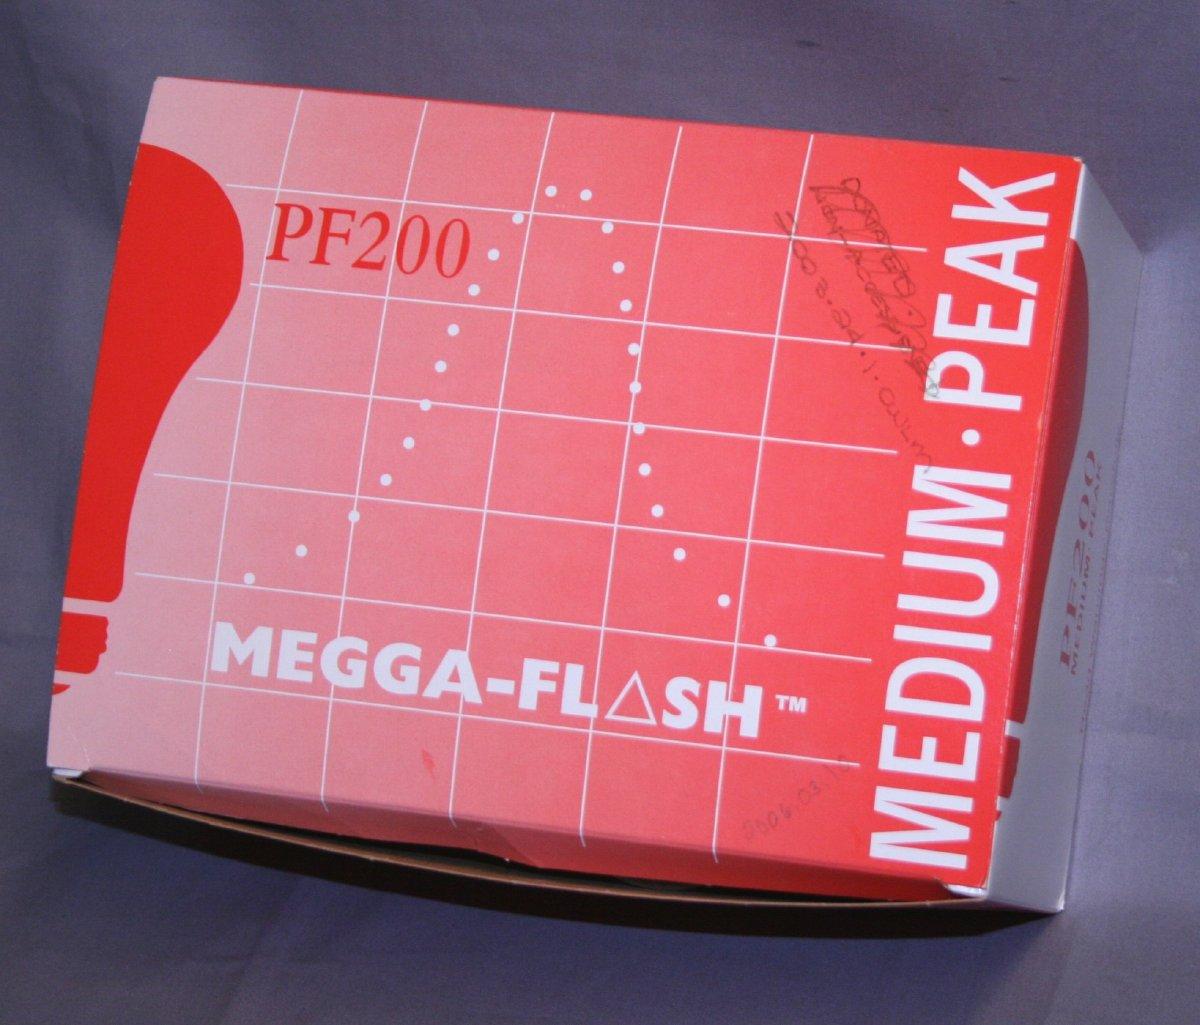 MegaFlash description